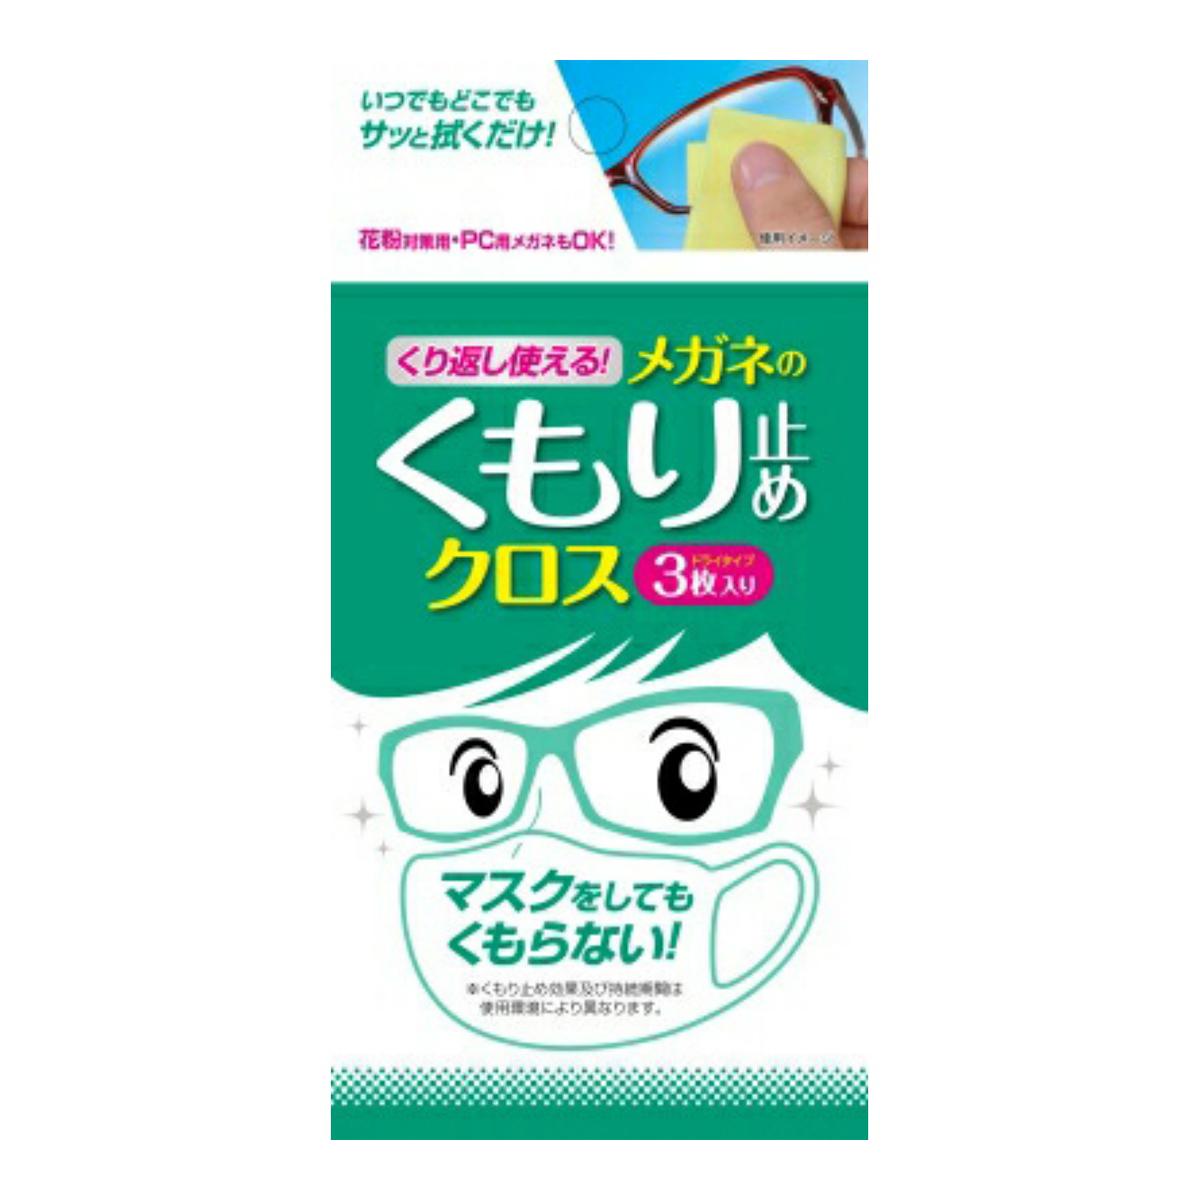 【送料無料】くり返し使える メガネのくもり止めクロス3枚×80点セット まとめ買い特価!ケース販売 ( 4975759201762 )